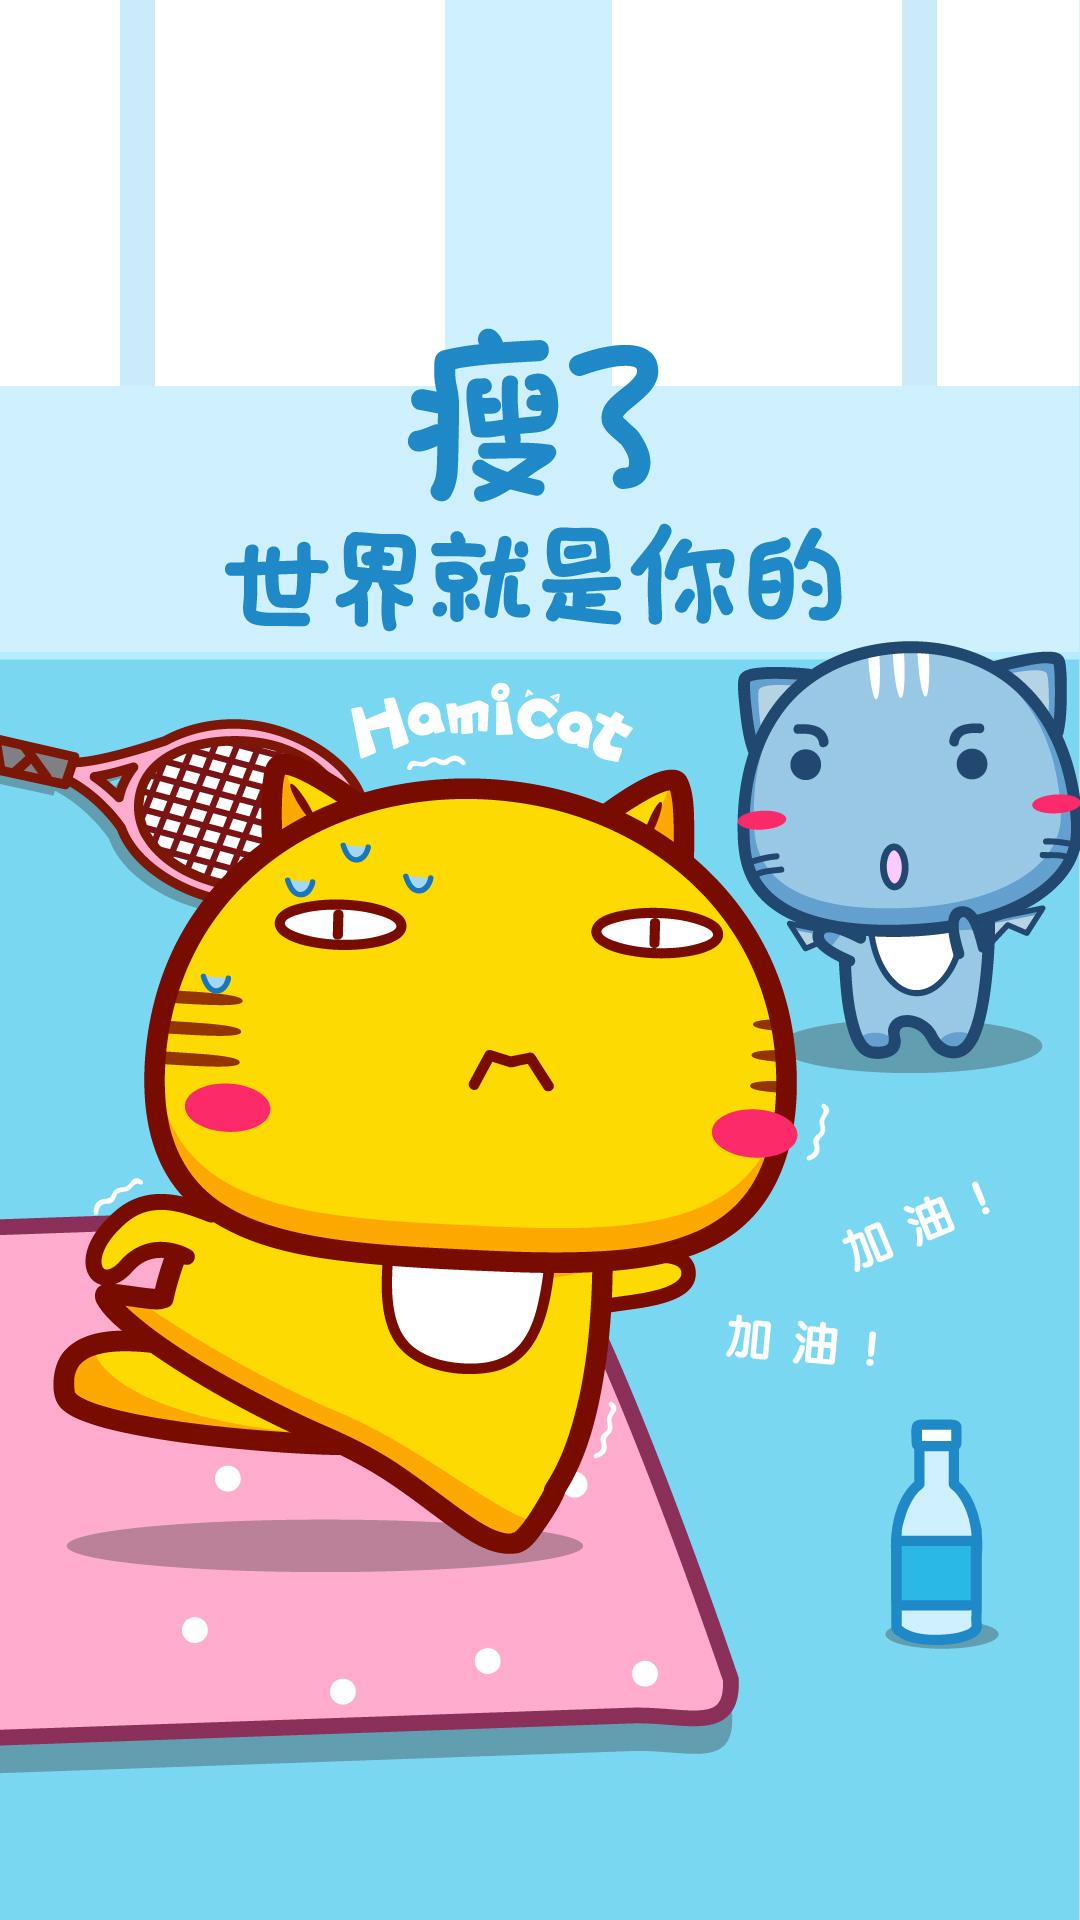 大爱哈咪猫减肥励志手机壁纸